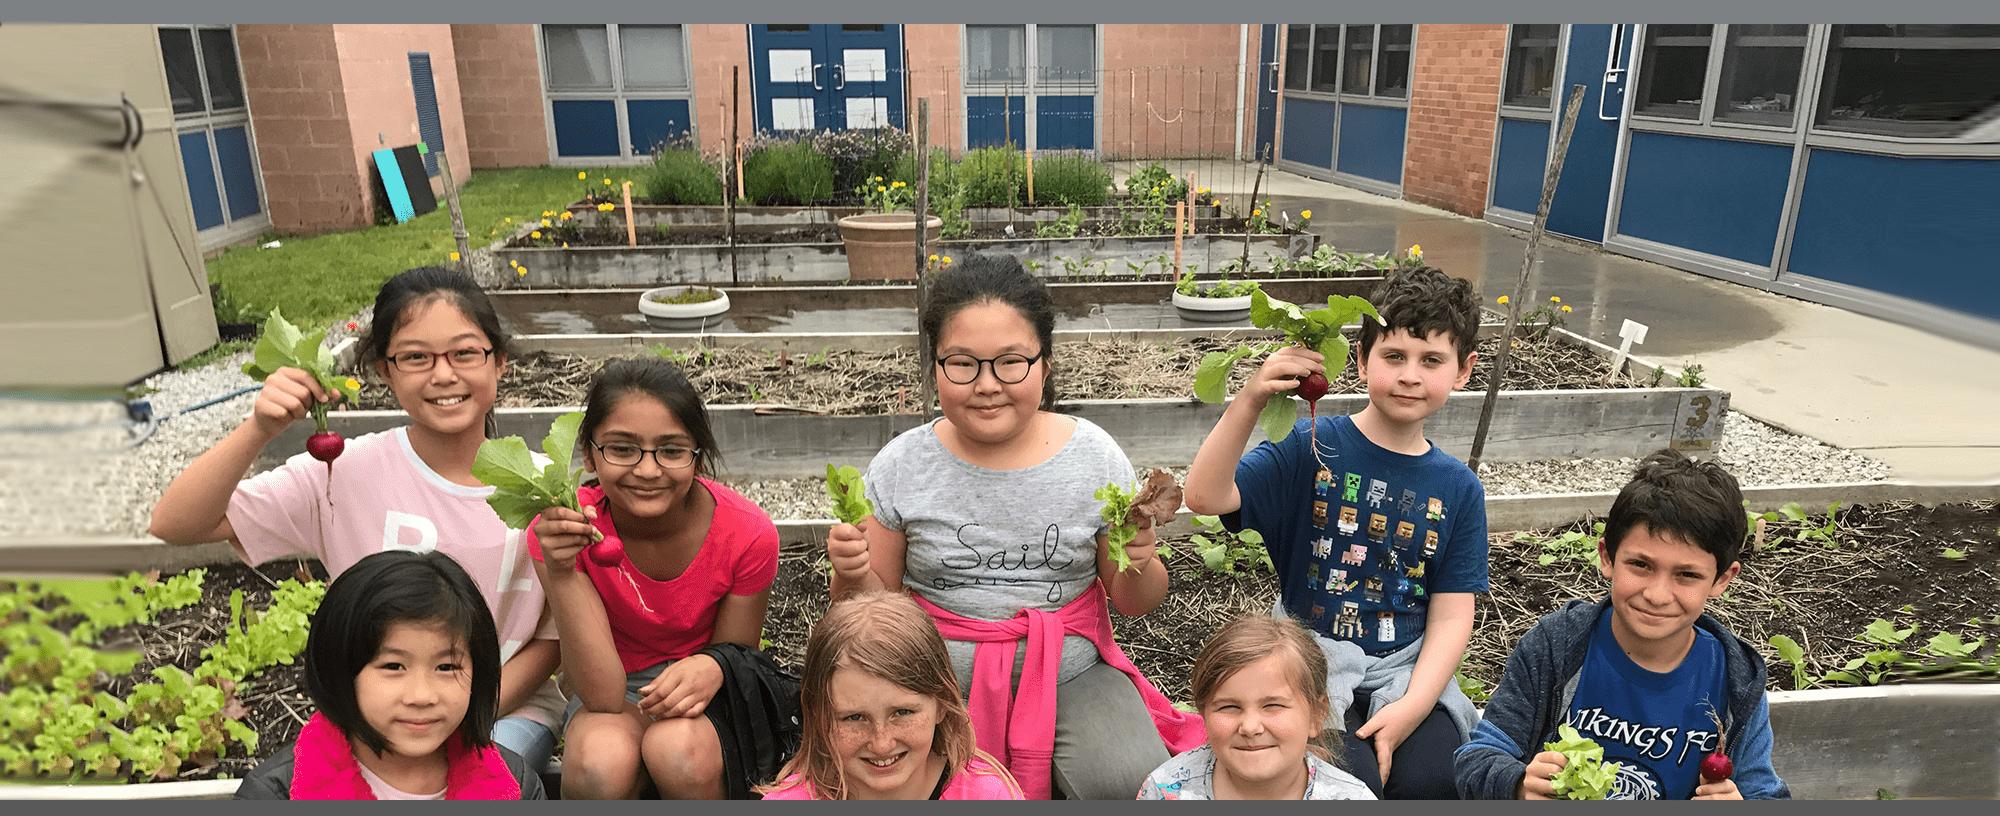 students holding radishes